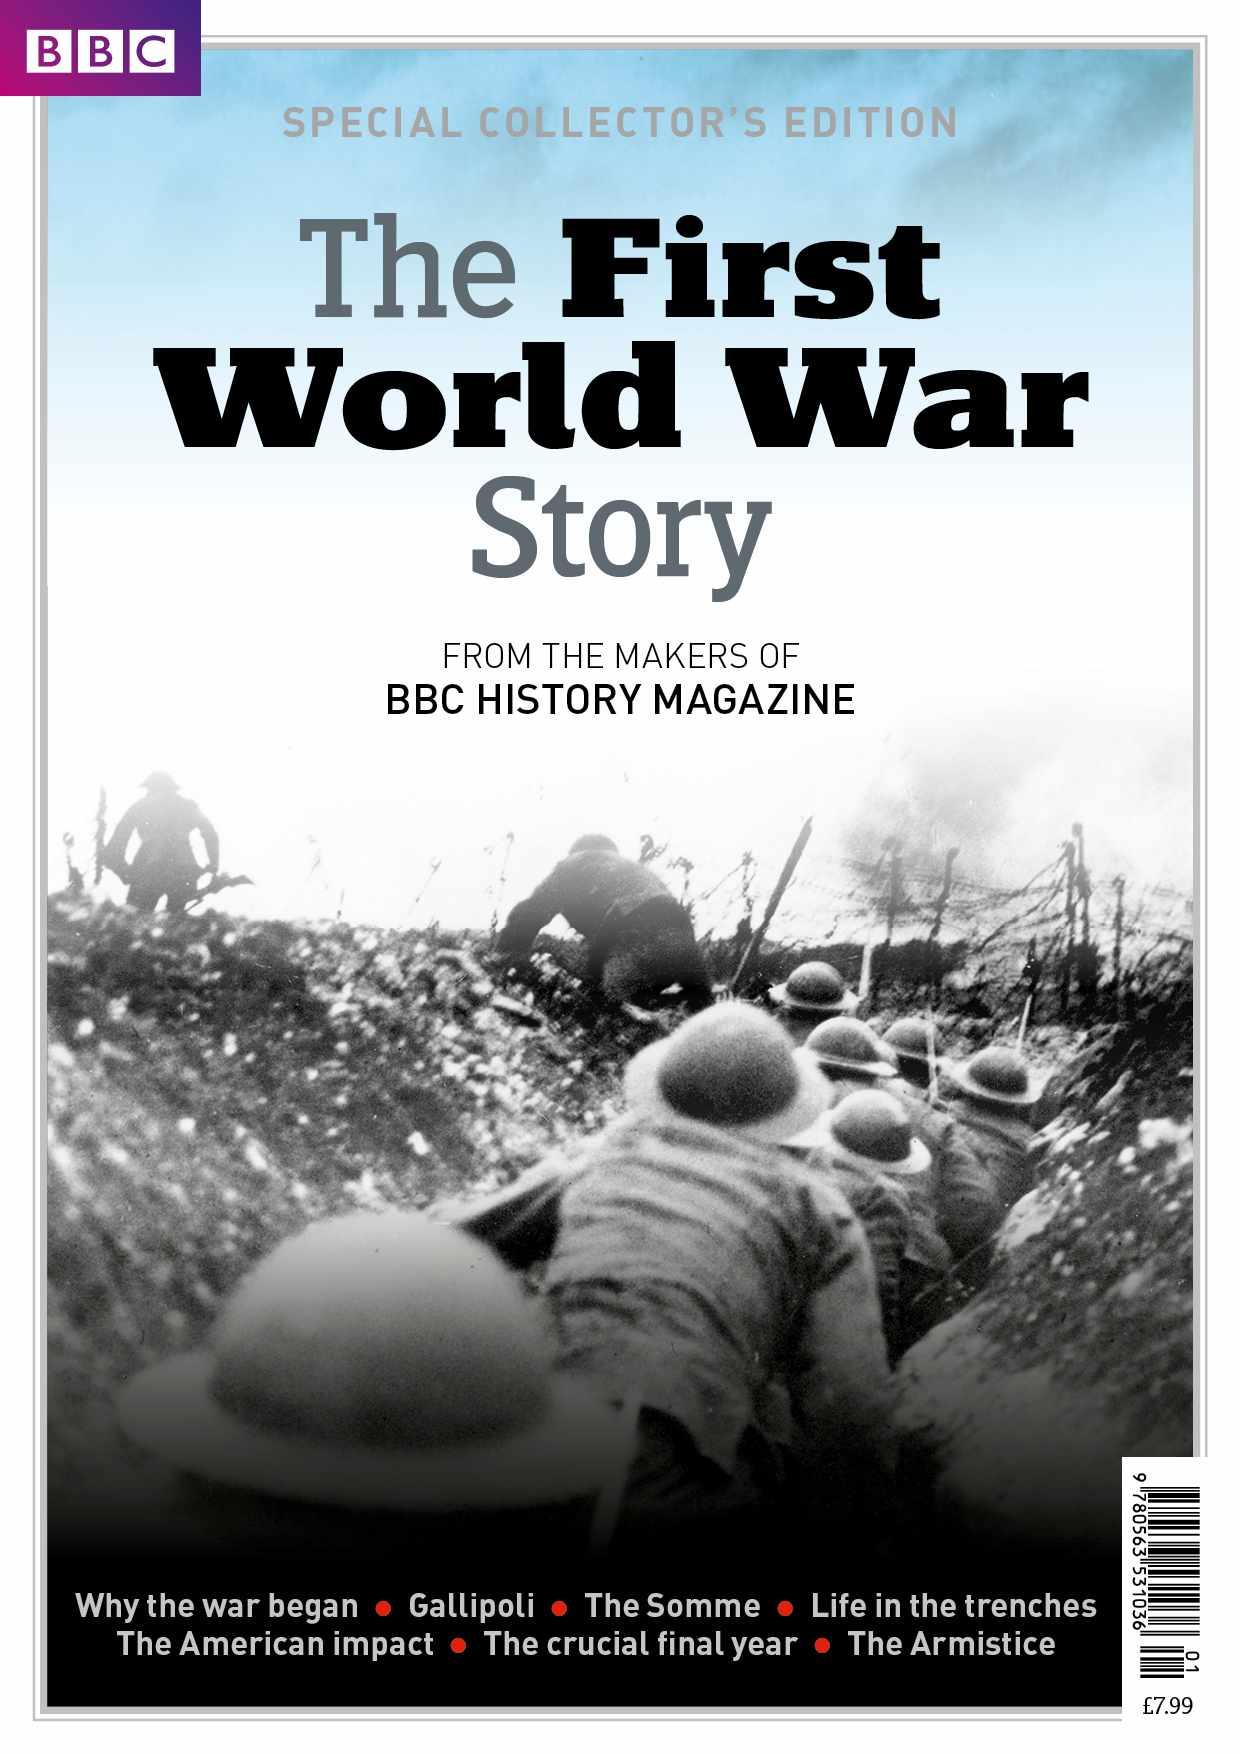 The First World War Story.